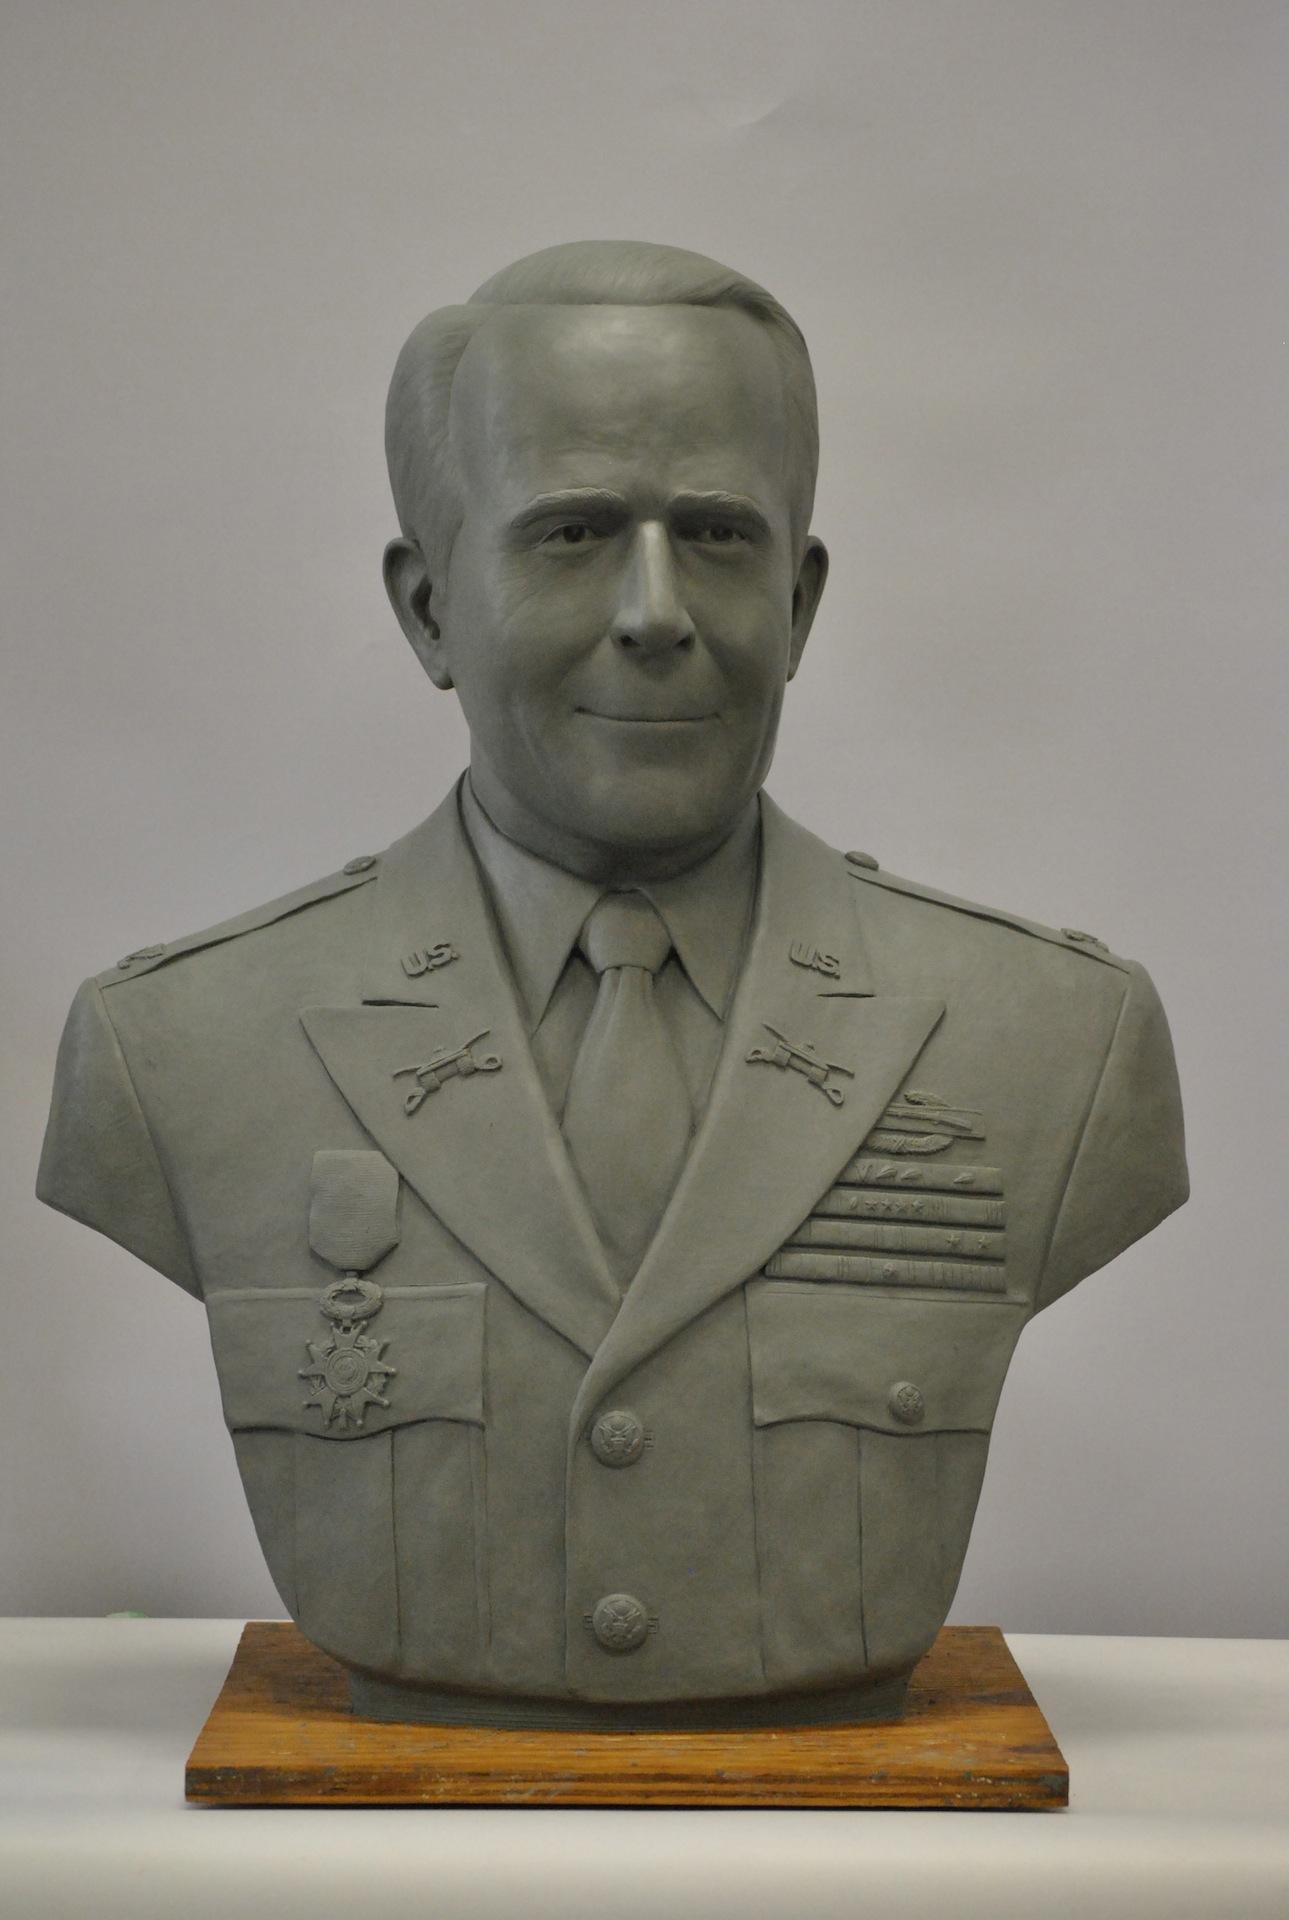 General Ungerleider